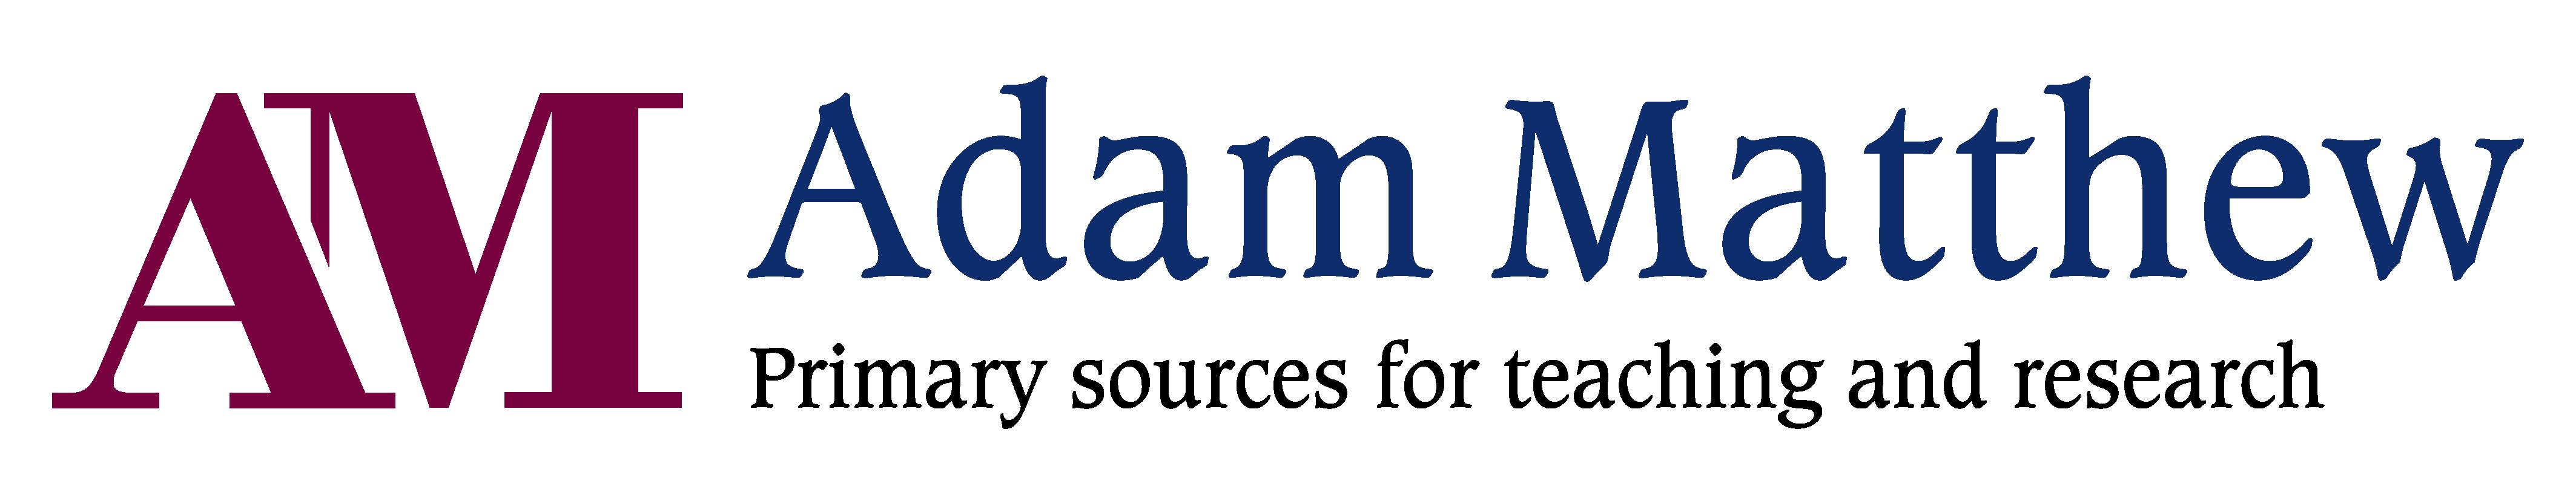 Red AM blue Adam Matthew text logo